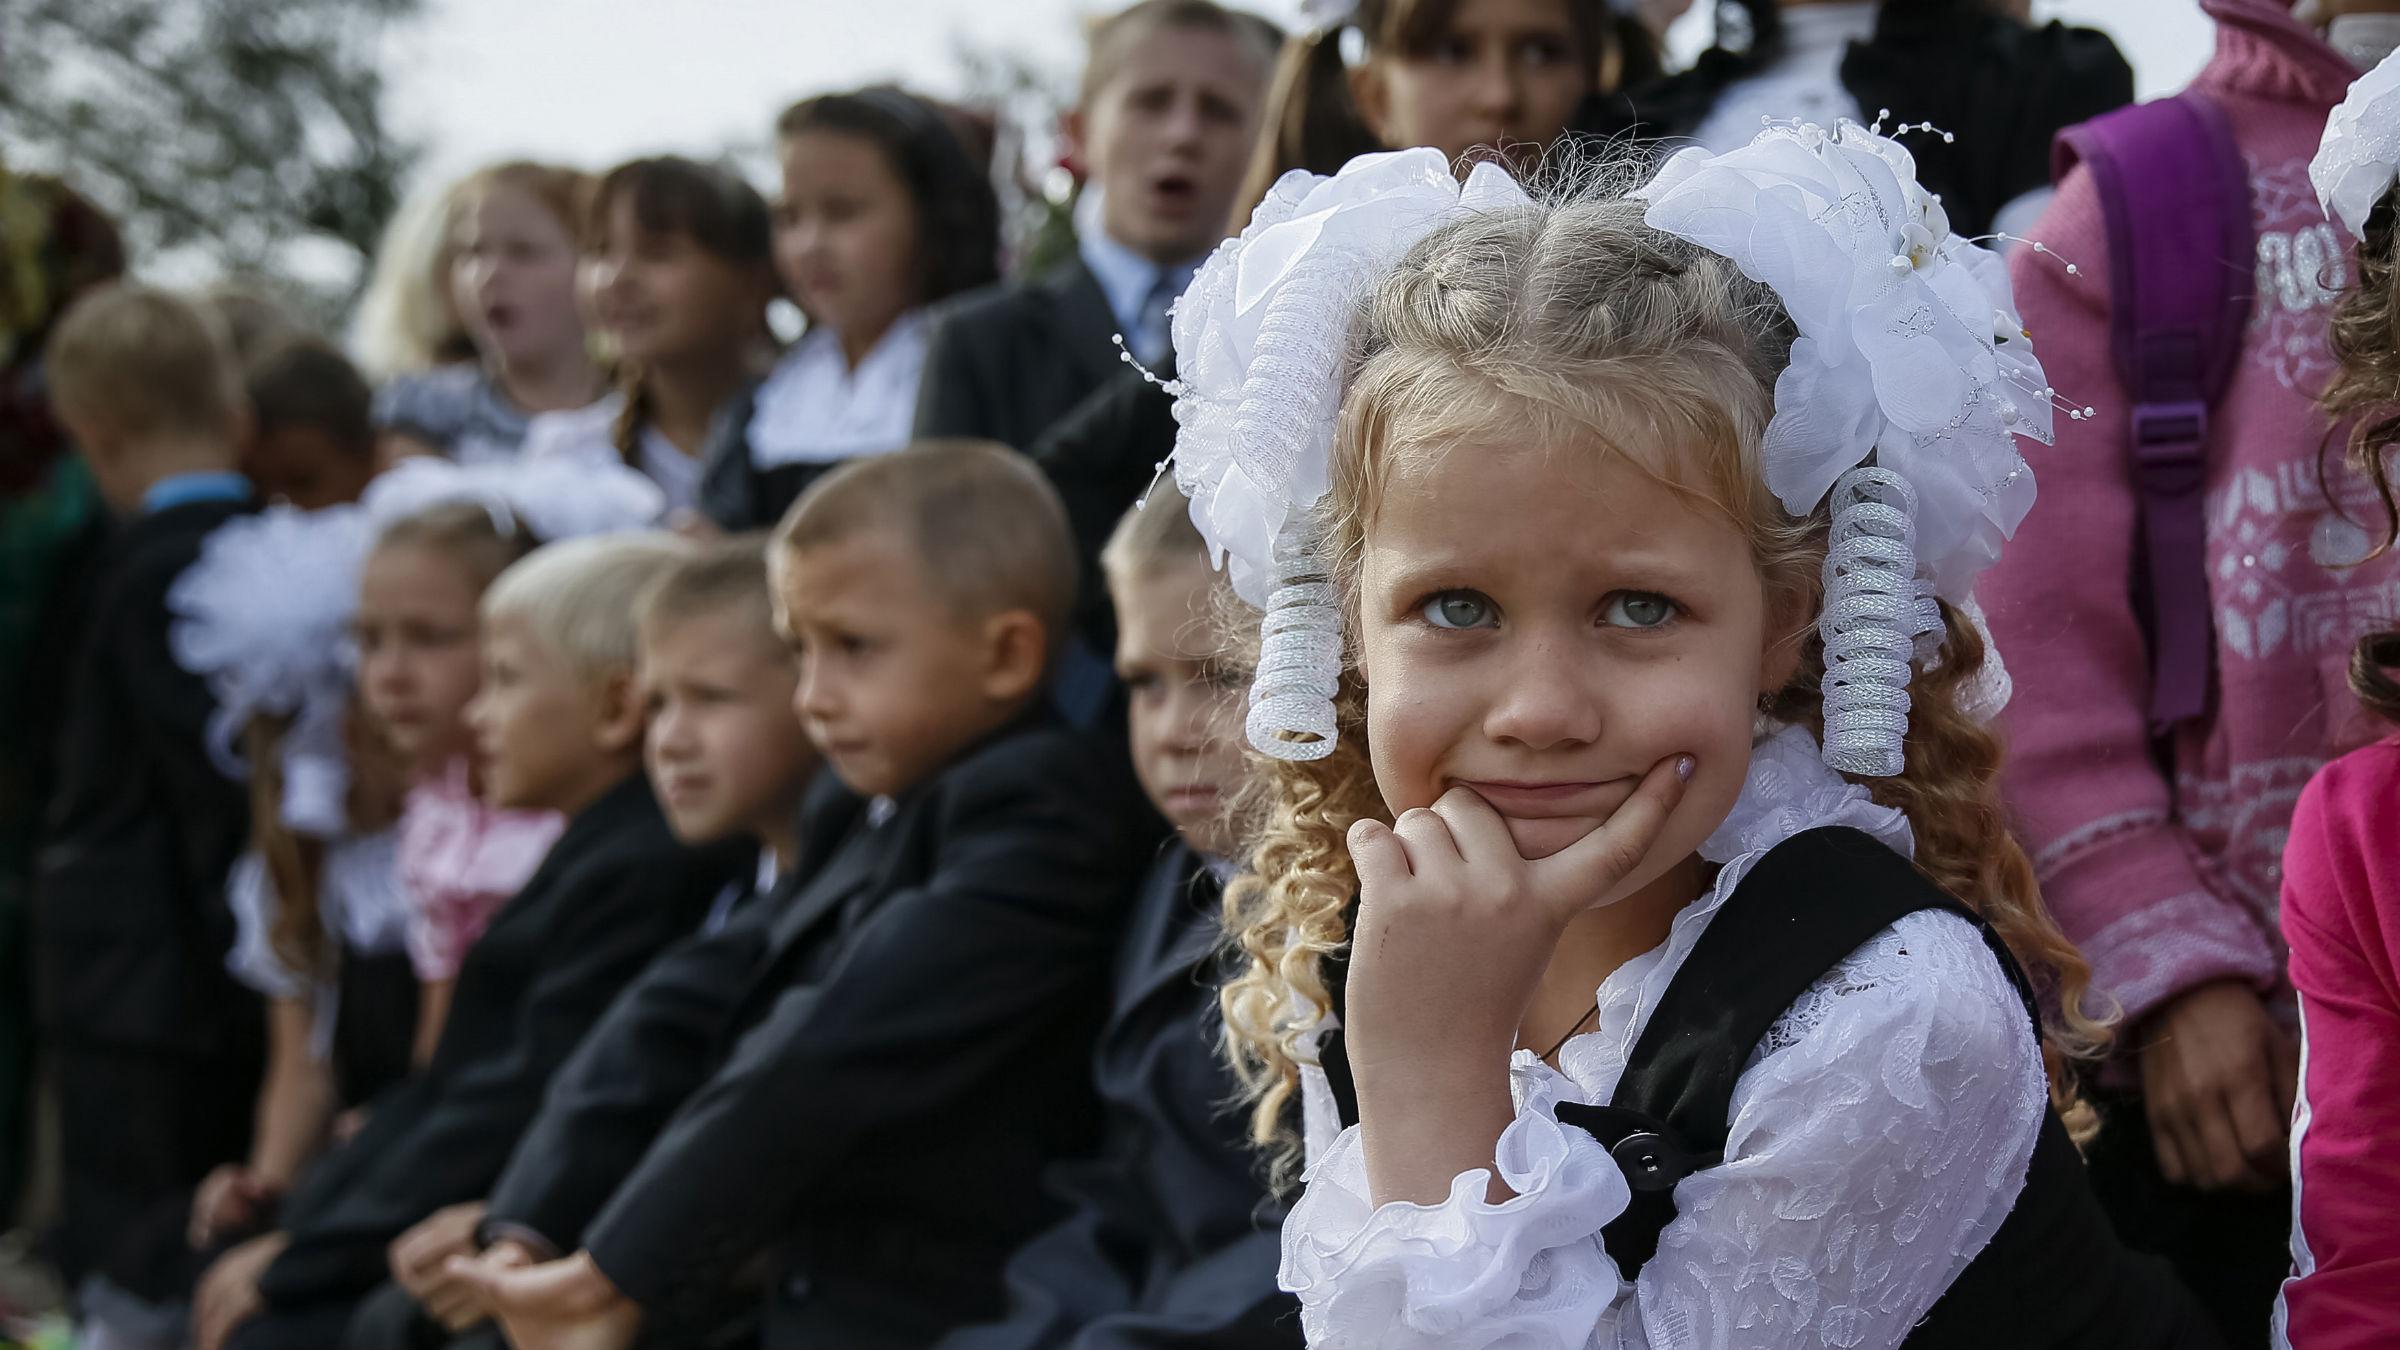 Ukranian school girl